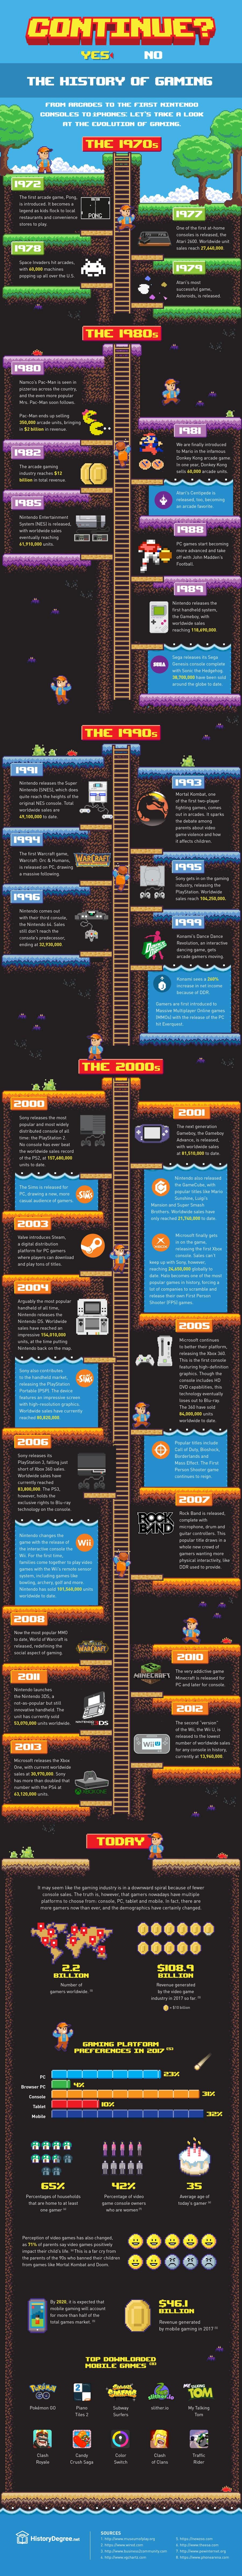 Video-Game-History #Infographie : l'évolution des jeux vidéos depuis les années 70 !